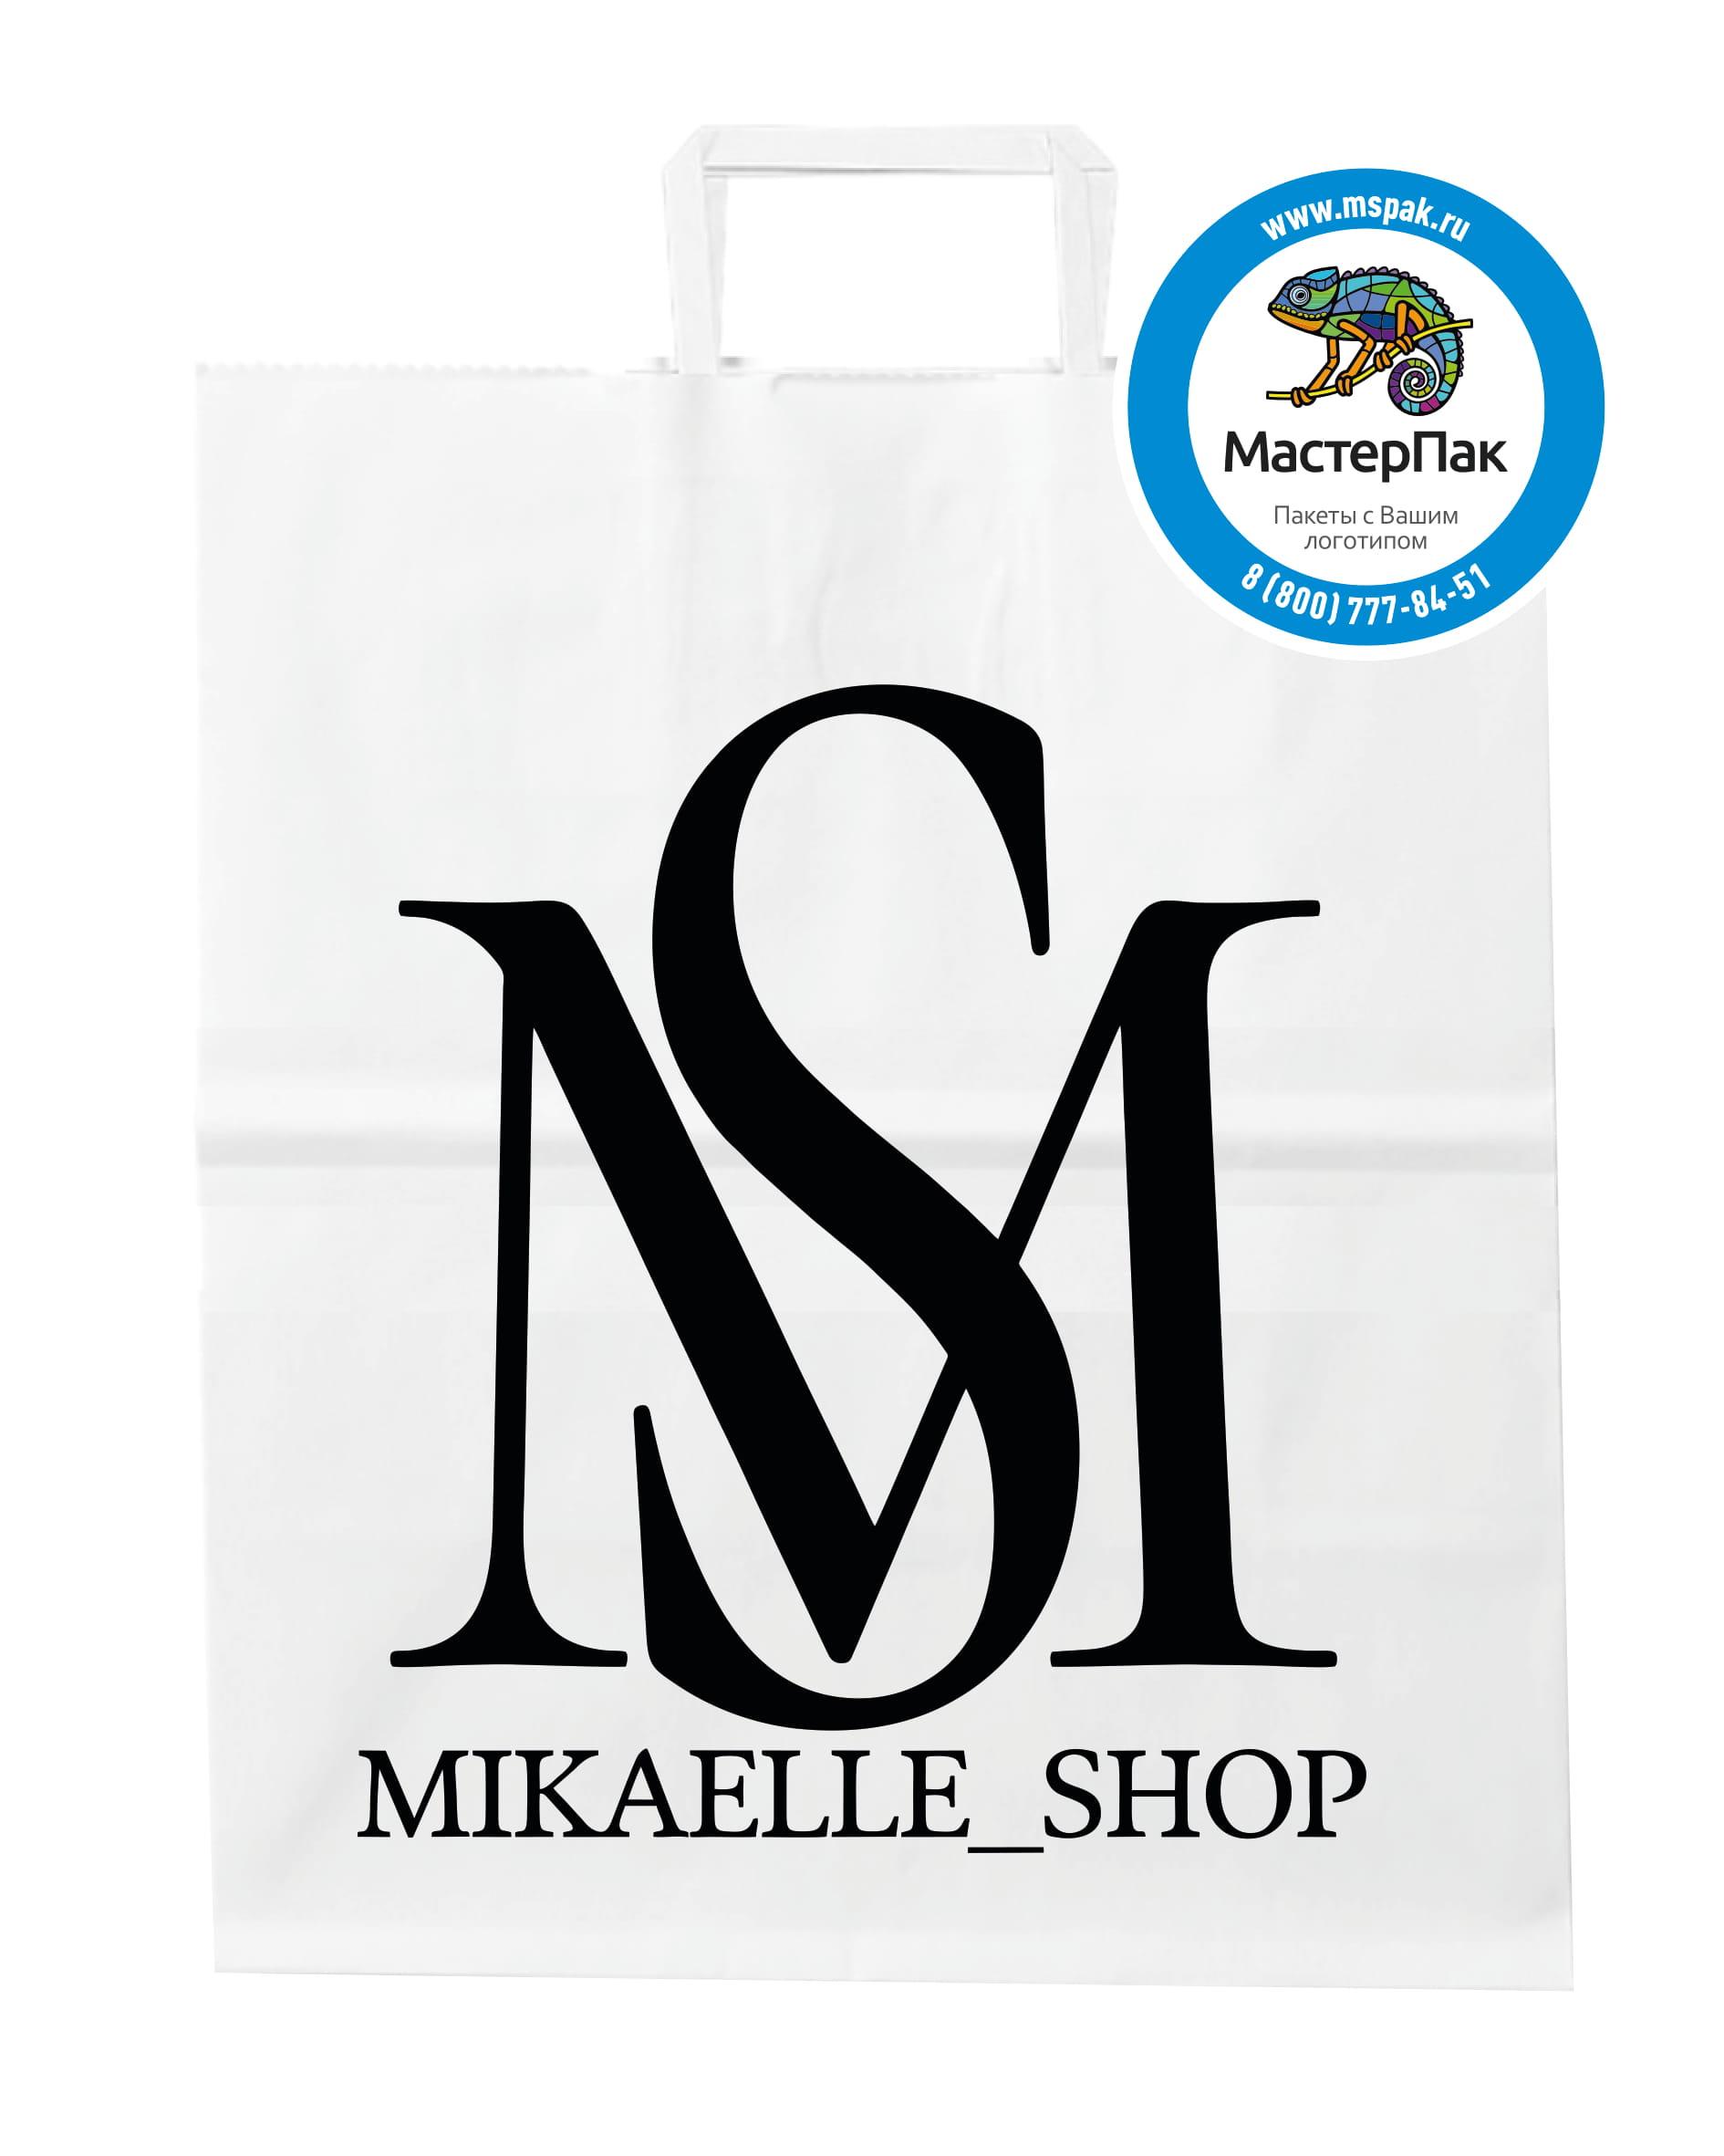 Пакет крафт, бумажный с логотипом Mikaelle shop, Мурманск, 32*32 см